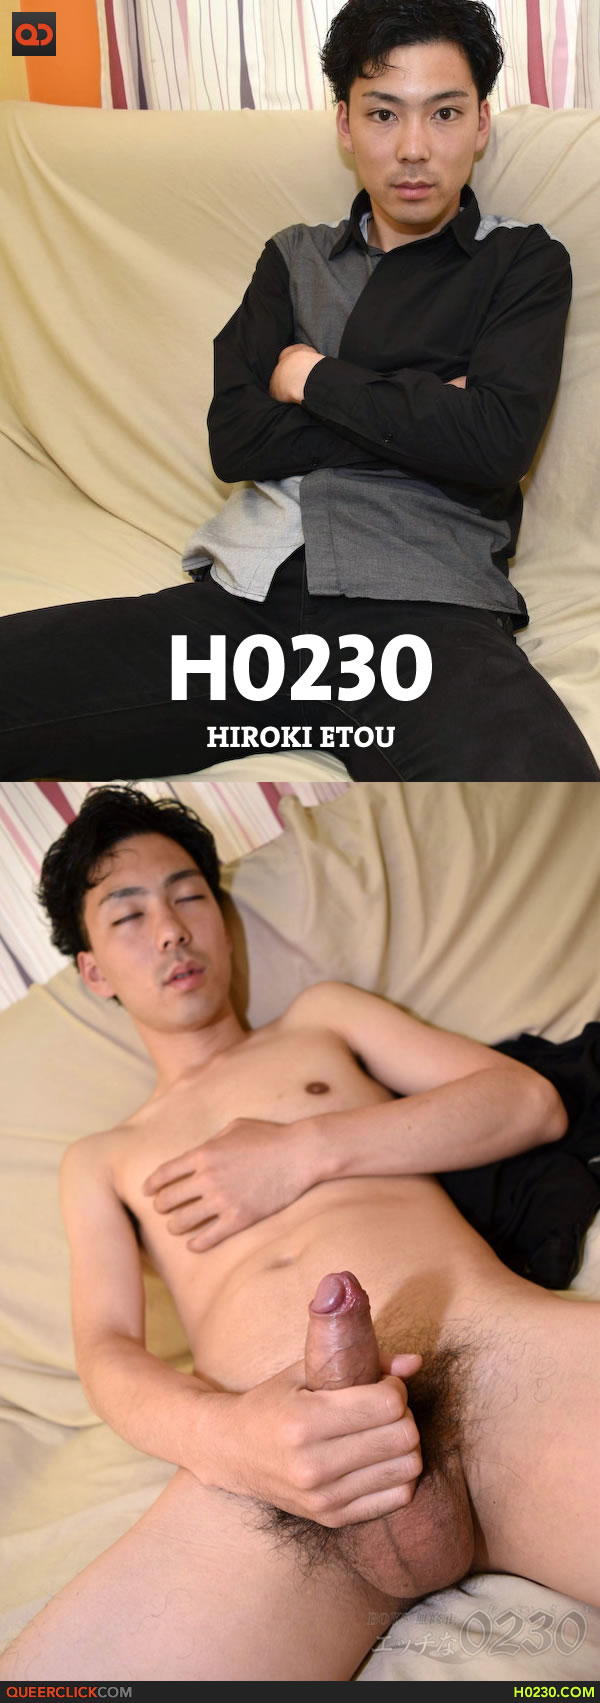 h0230-hiroki-etou-1